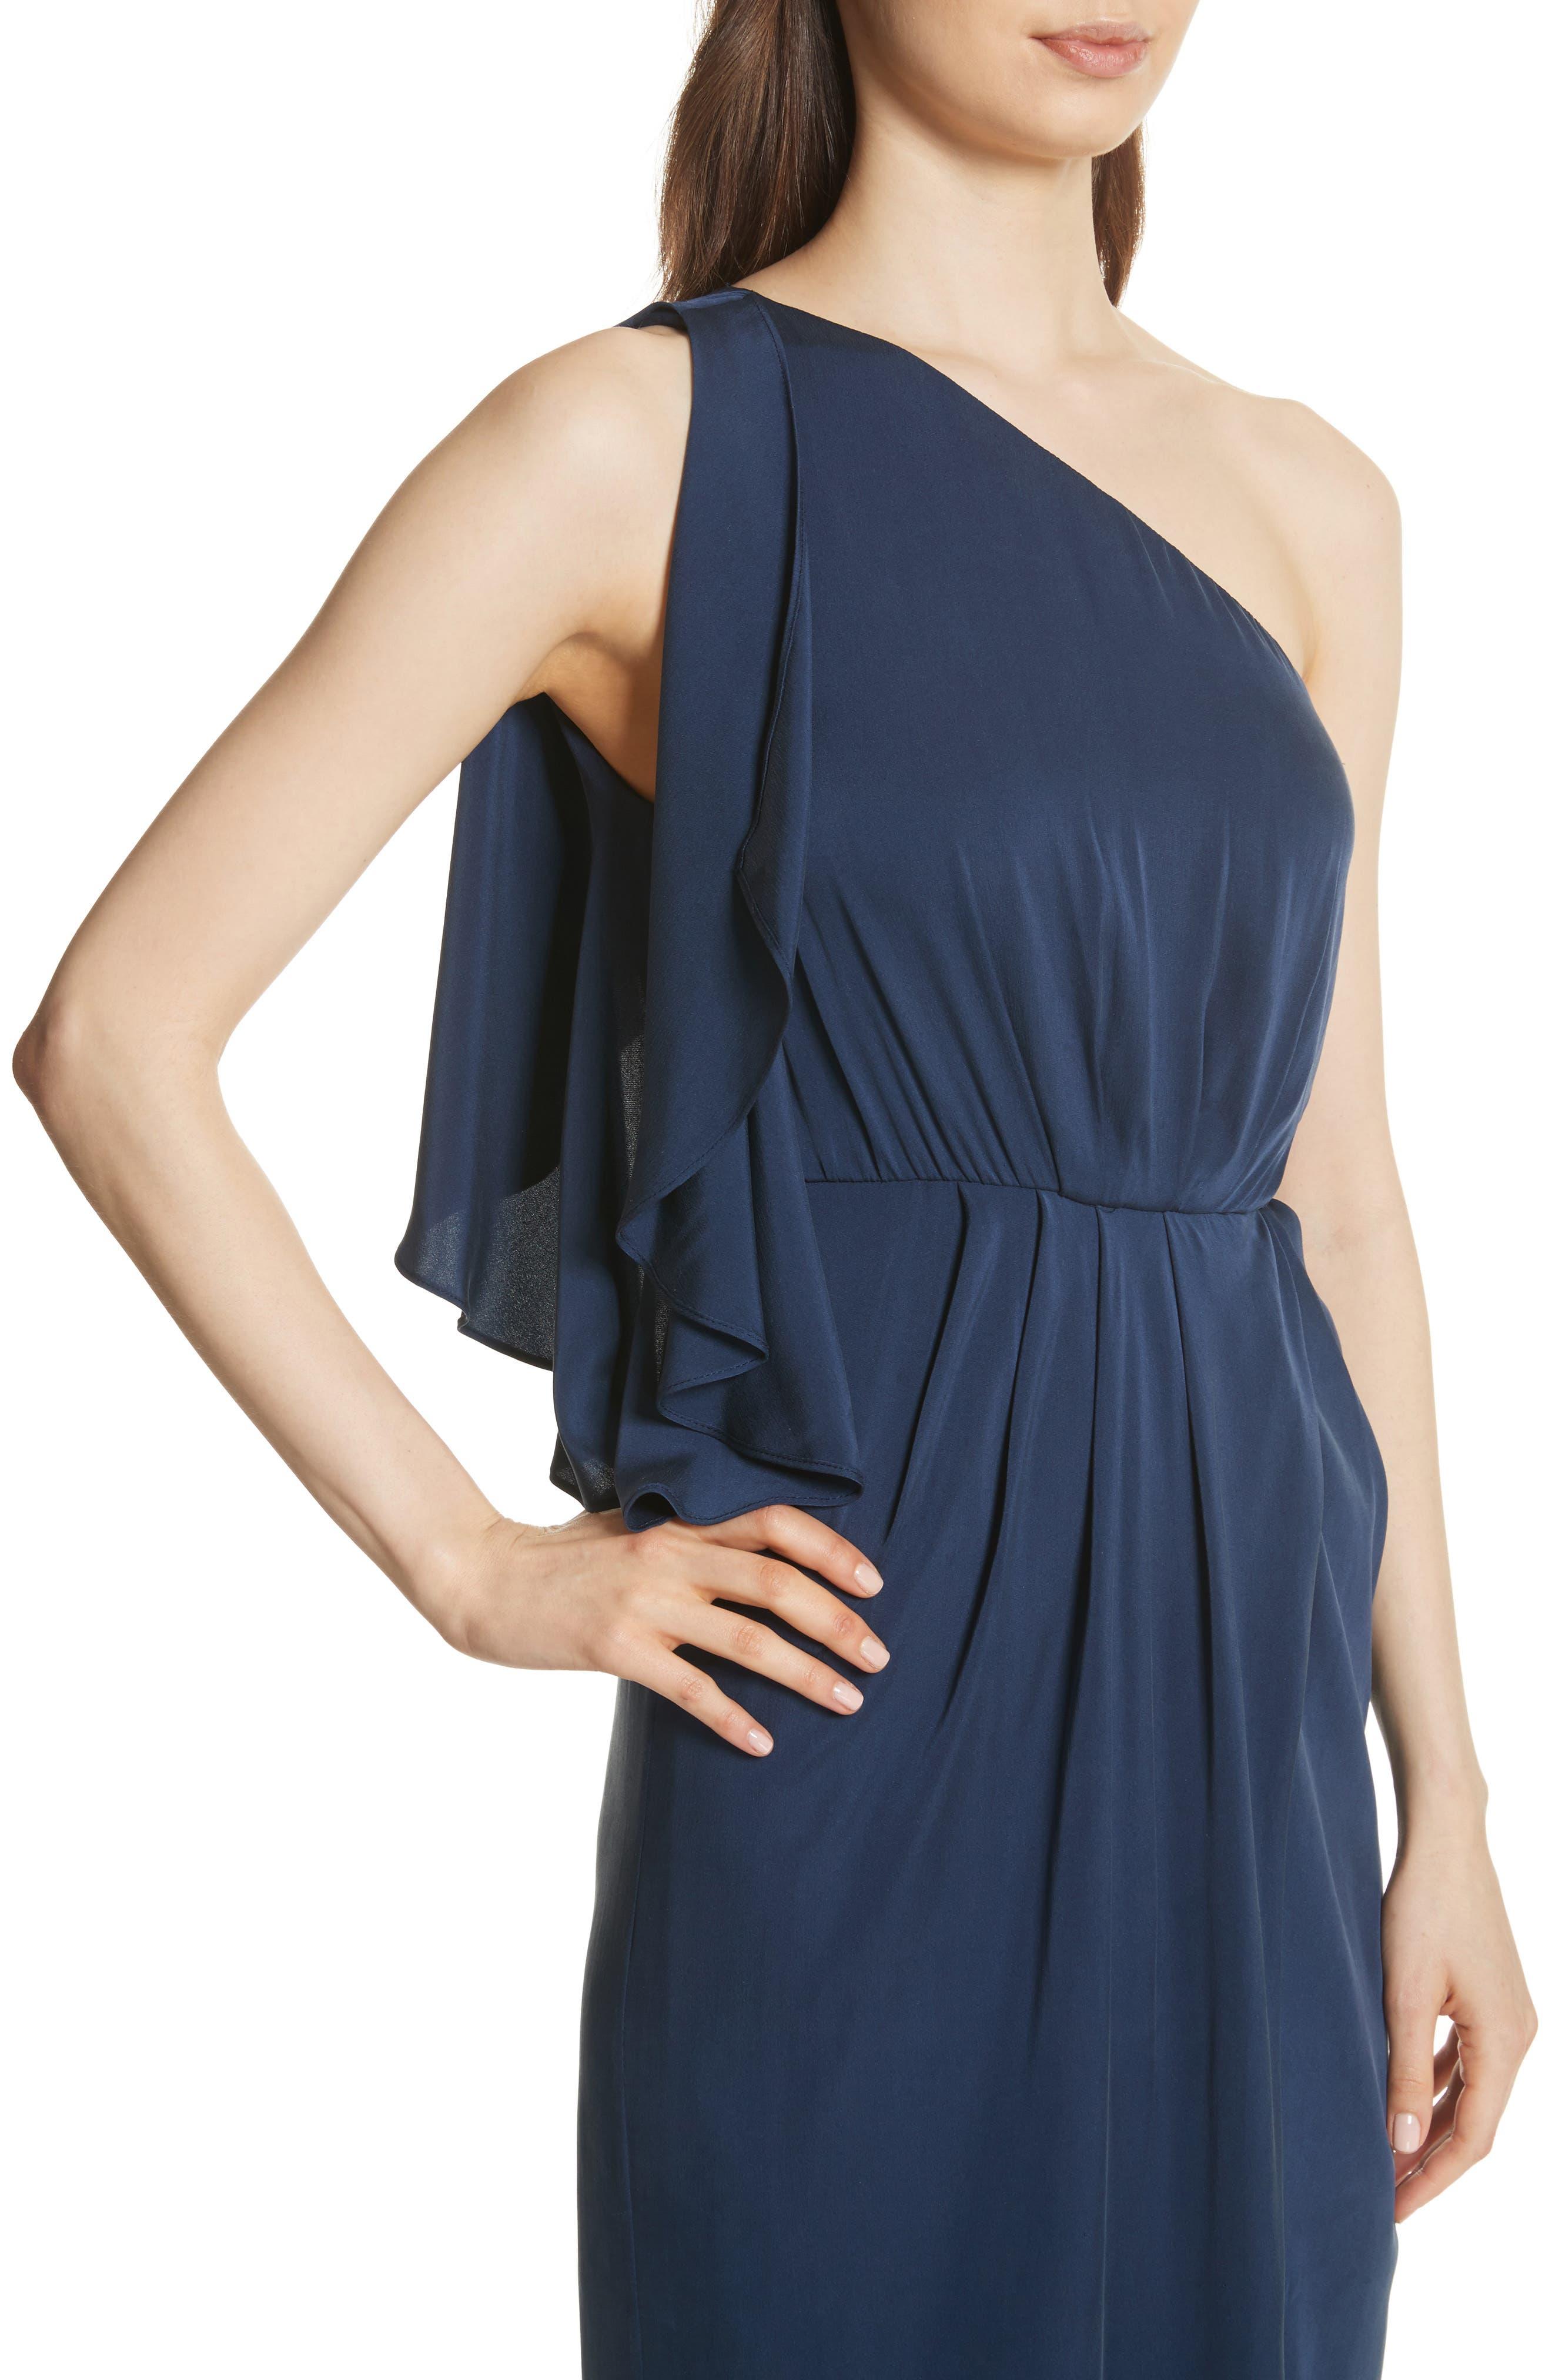 Oleta Side Drape Goddess Dress,                             Alternate thumbnail 4, color,                             460